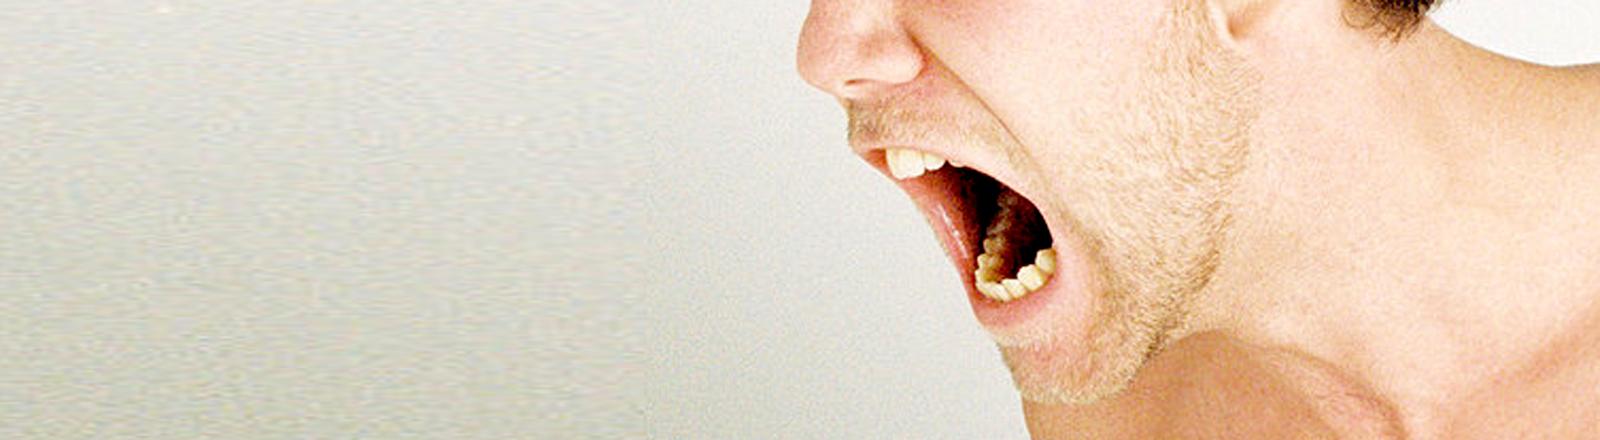 Ein junger Mann schreit mit aufgerissenem Mund.